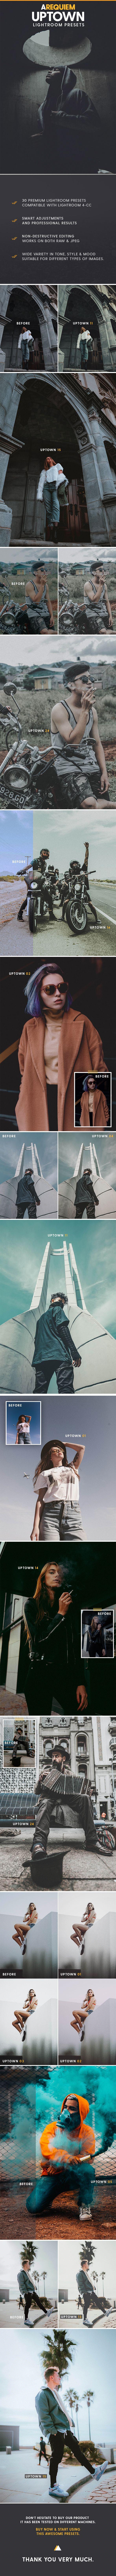 Uptown Lightroom Presets - Lightroom Presets Add-ons